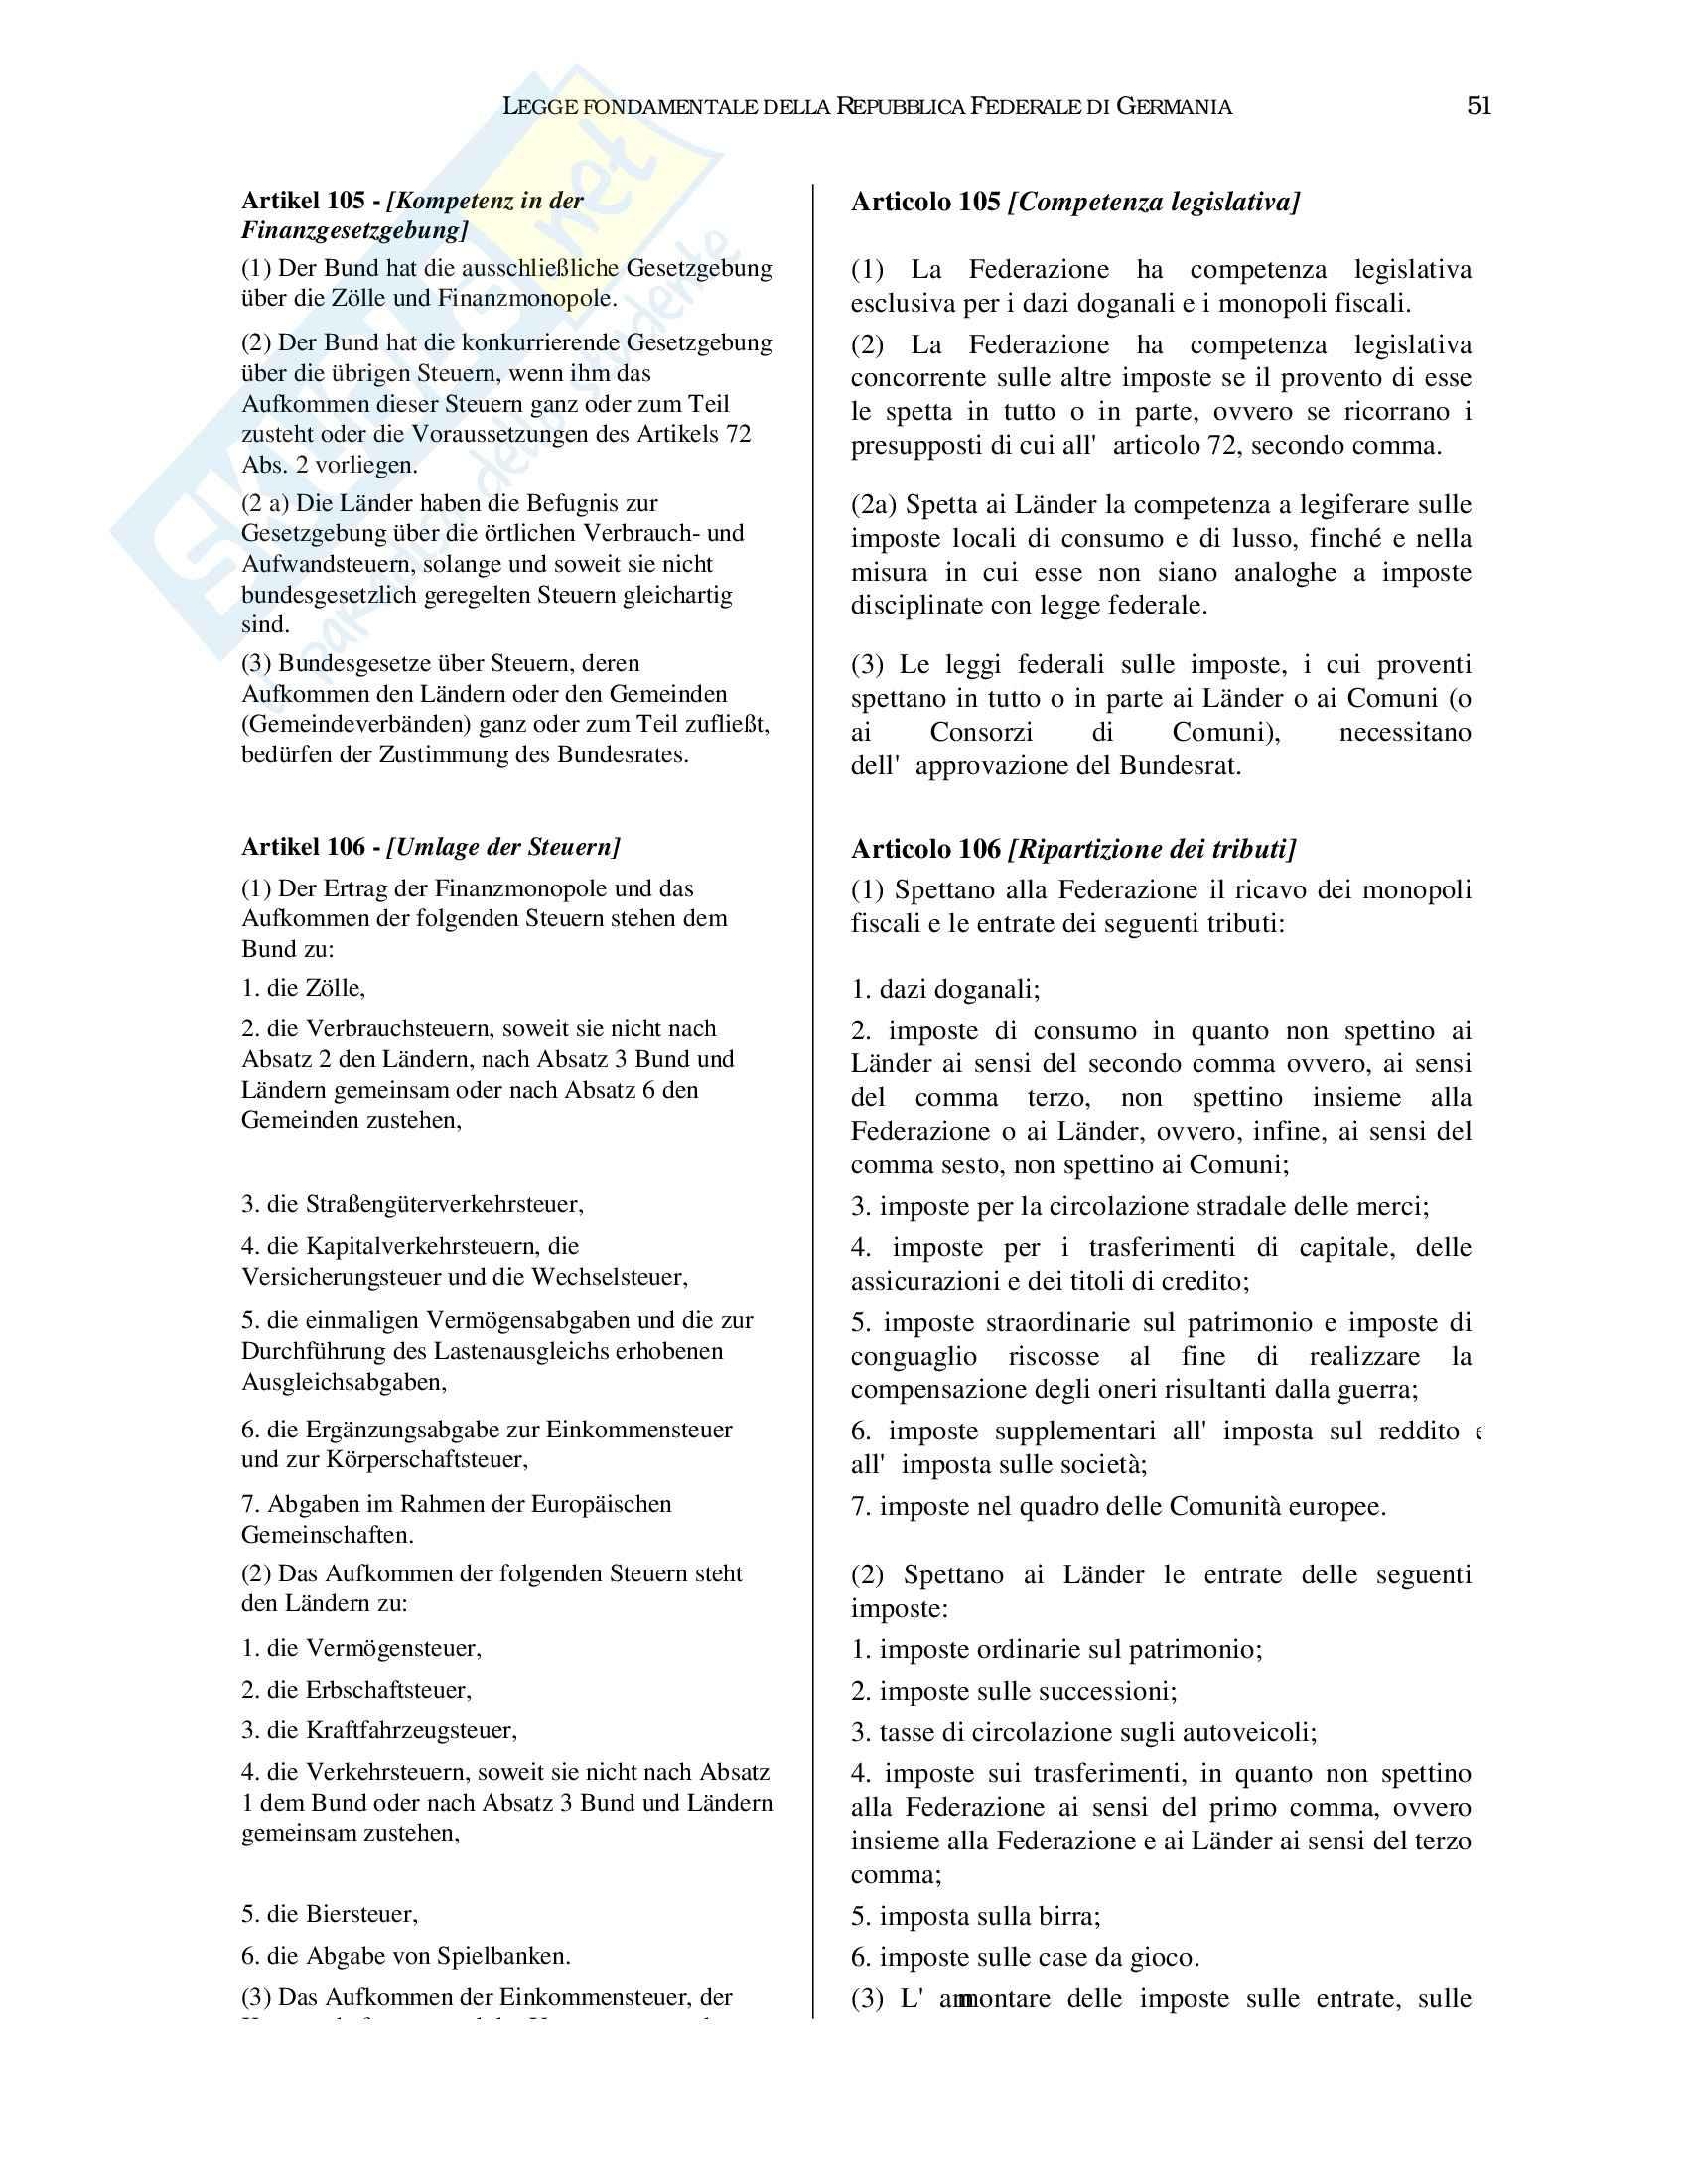 Repubblica Federale di Germania - Legge Fondamentale Pag. 51